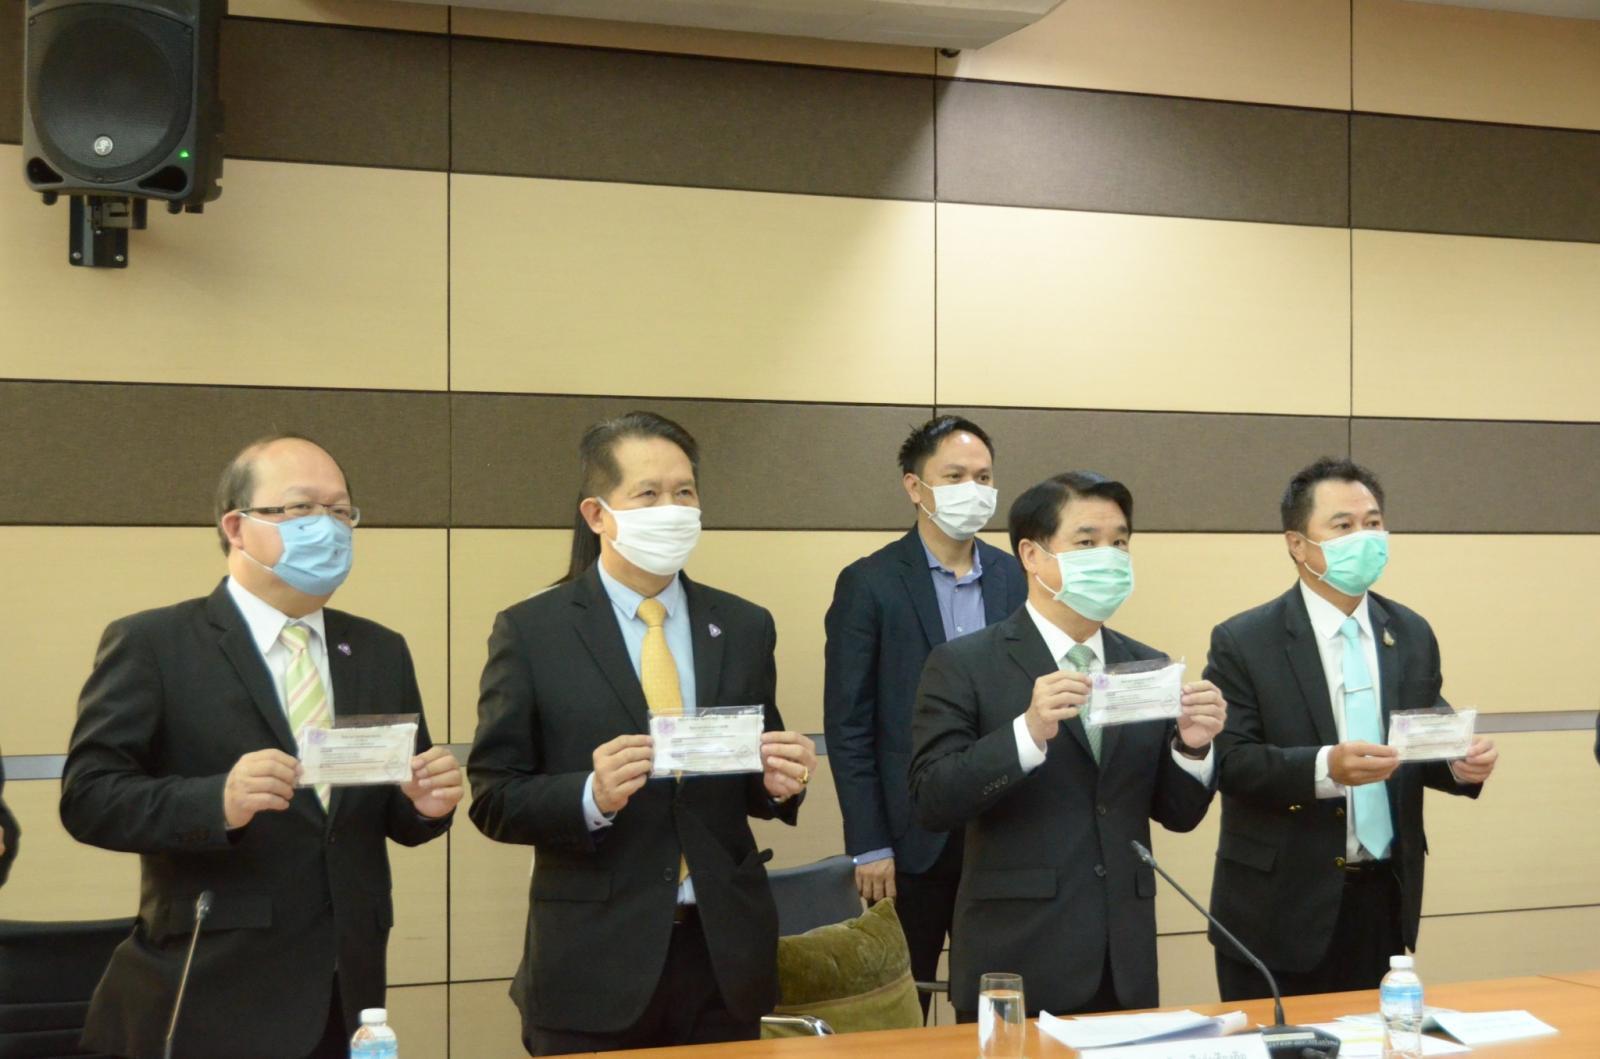 """""""สุริยะ"""" สั่งแจกหน้ากากผ้า 10 ล้านชิ้น ส่งถึงมือคนกรุงต้นเดือนเม.ย.นี้"""